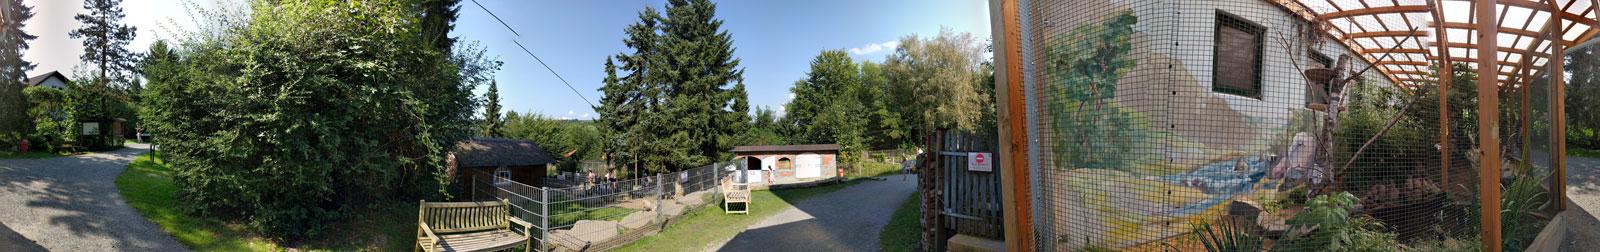 Ein Rundumblick aus dem Affen- und Vogelpark Eckenhagen